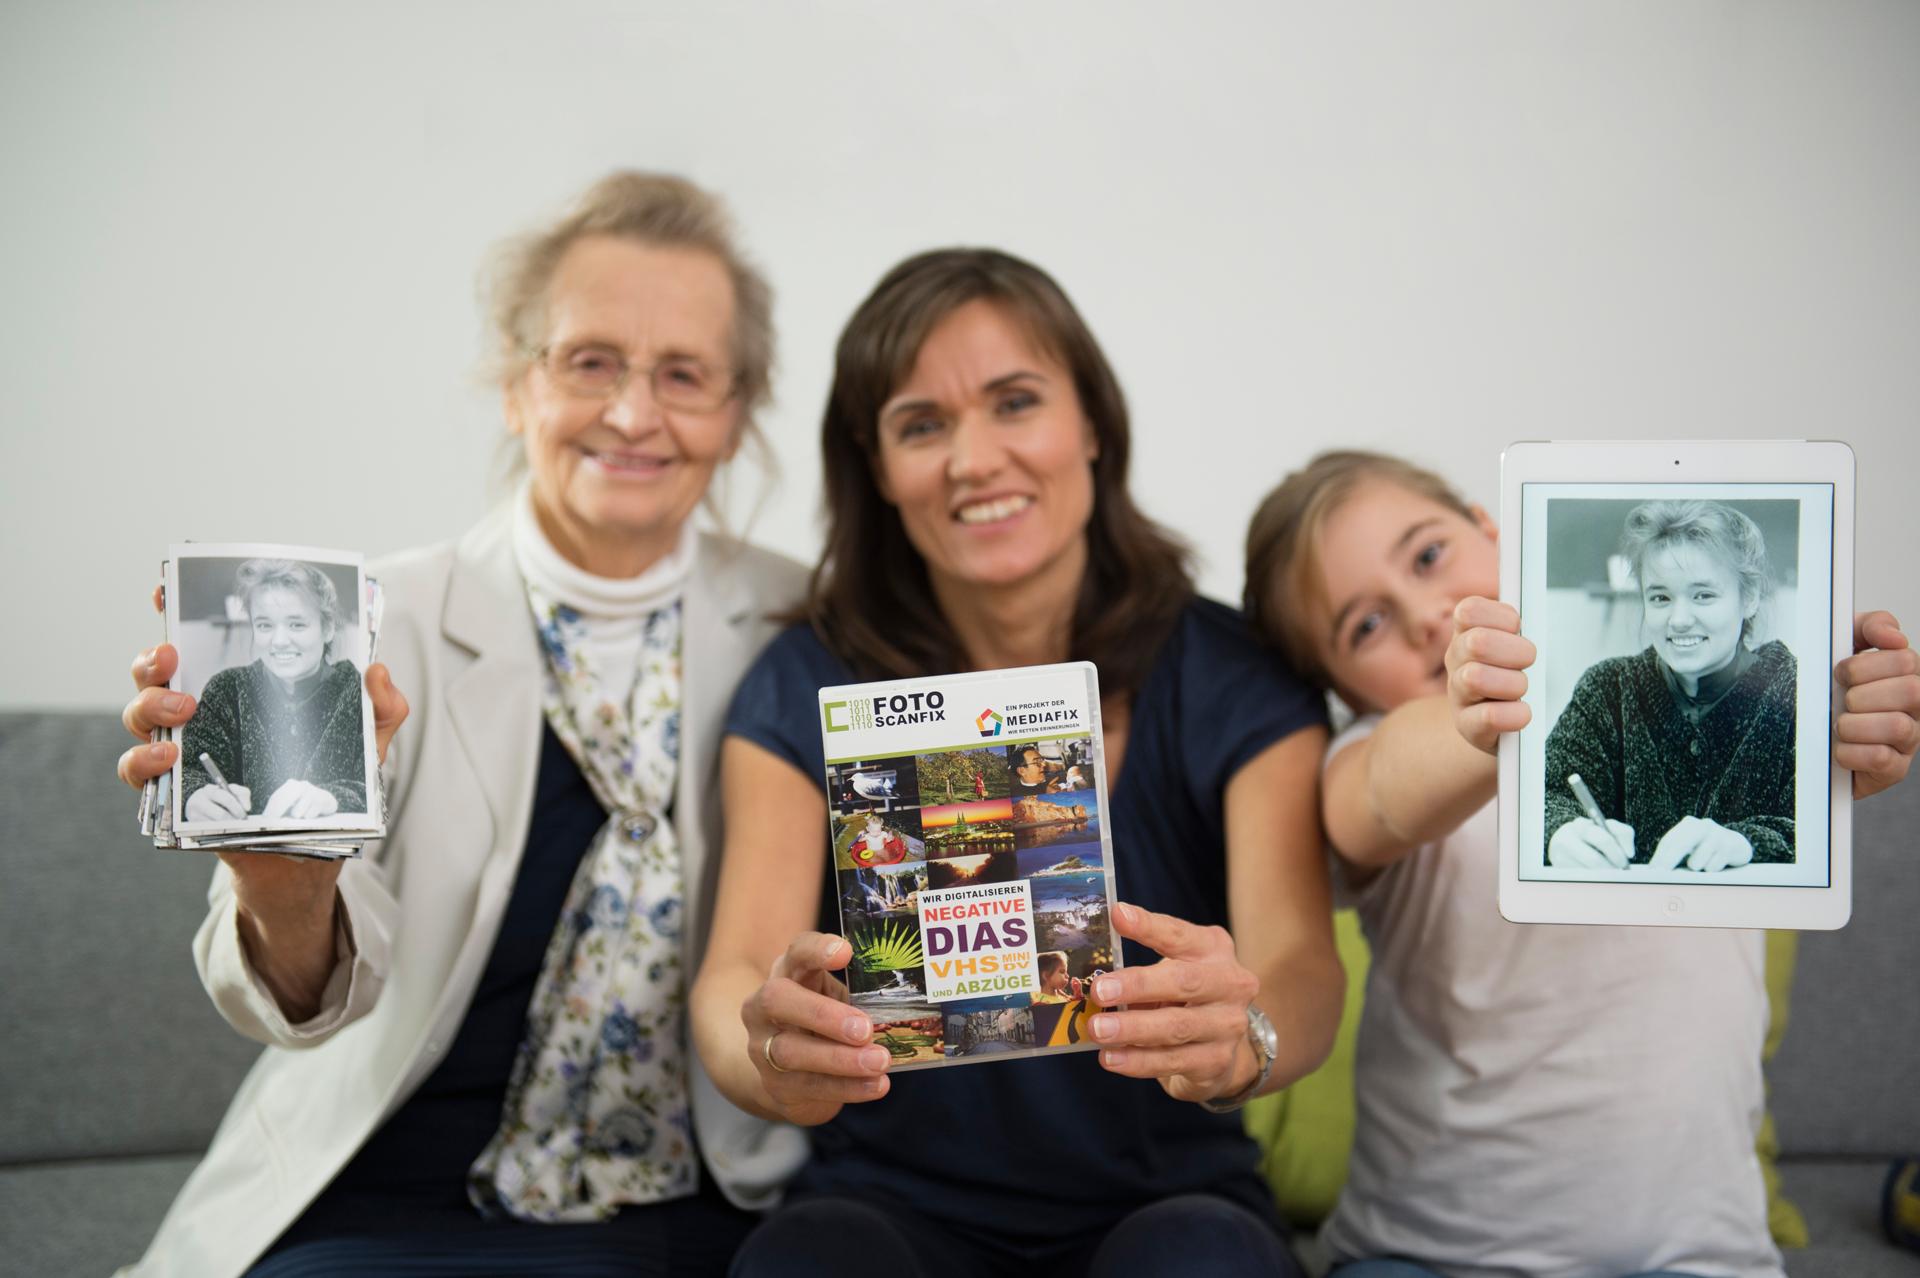 Bilder scannen lassen für die ganze Familie!